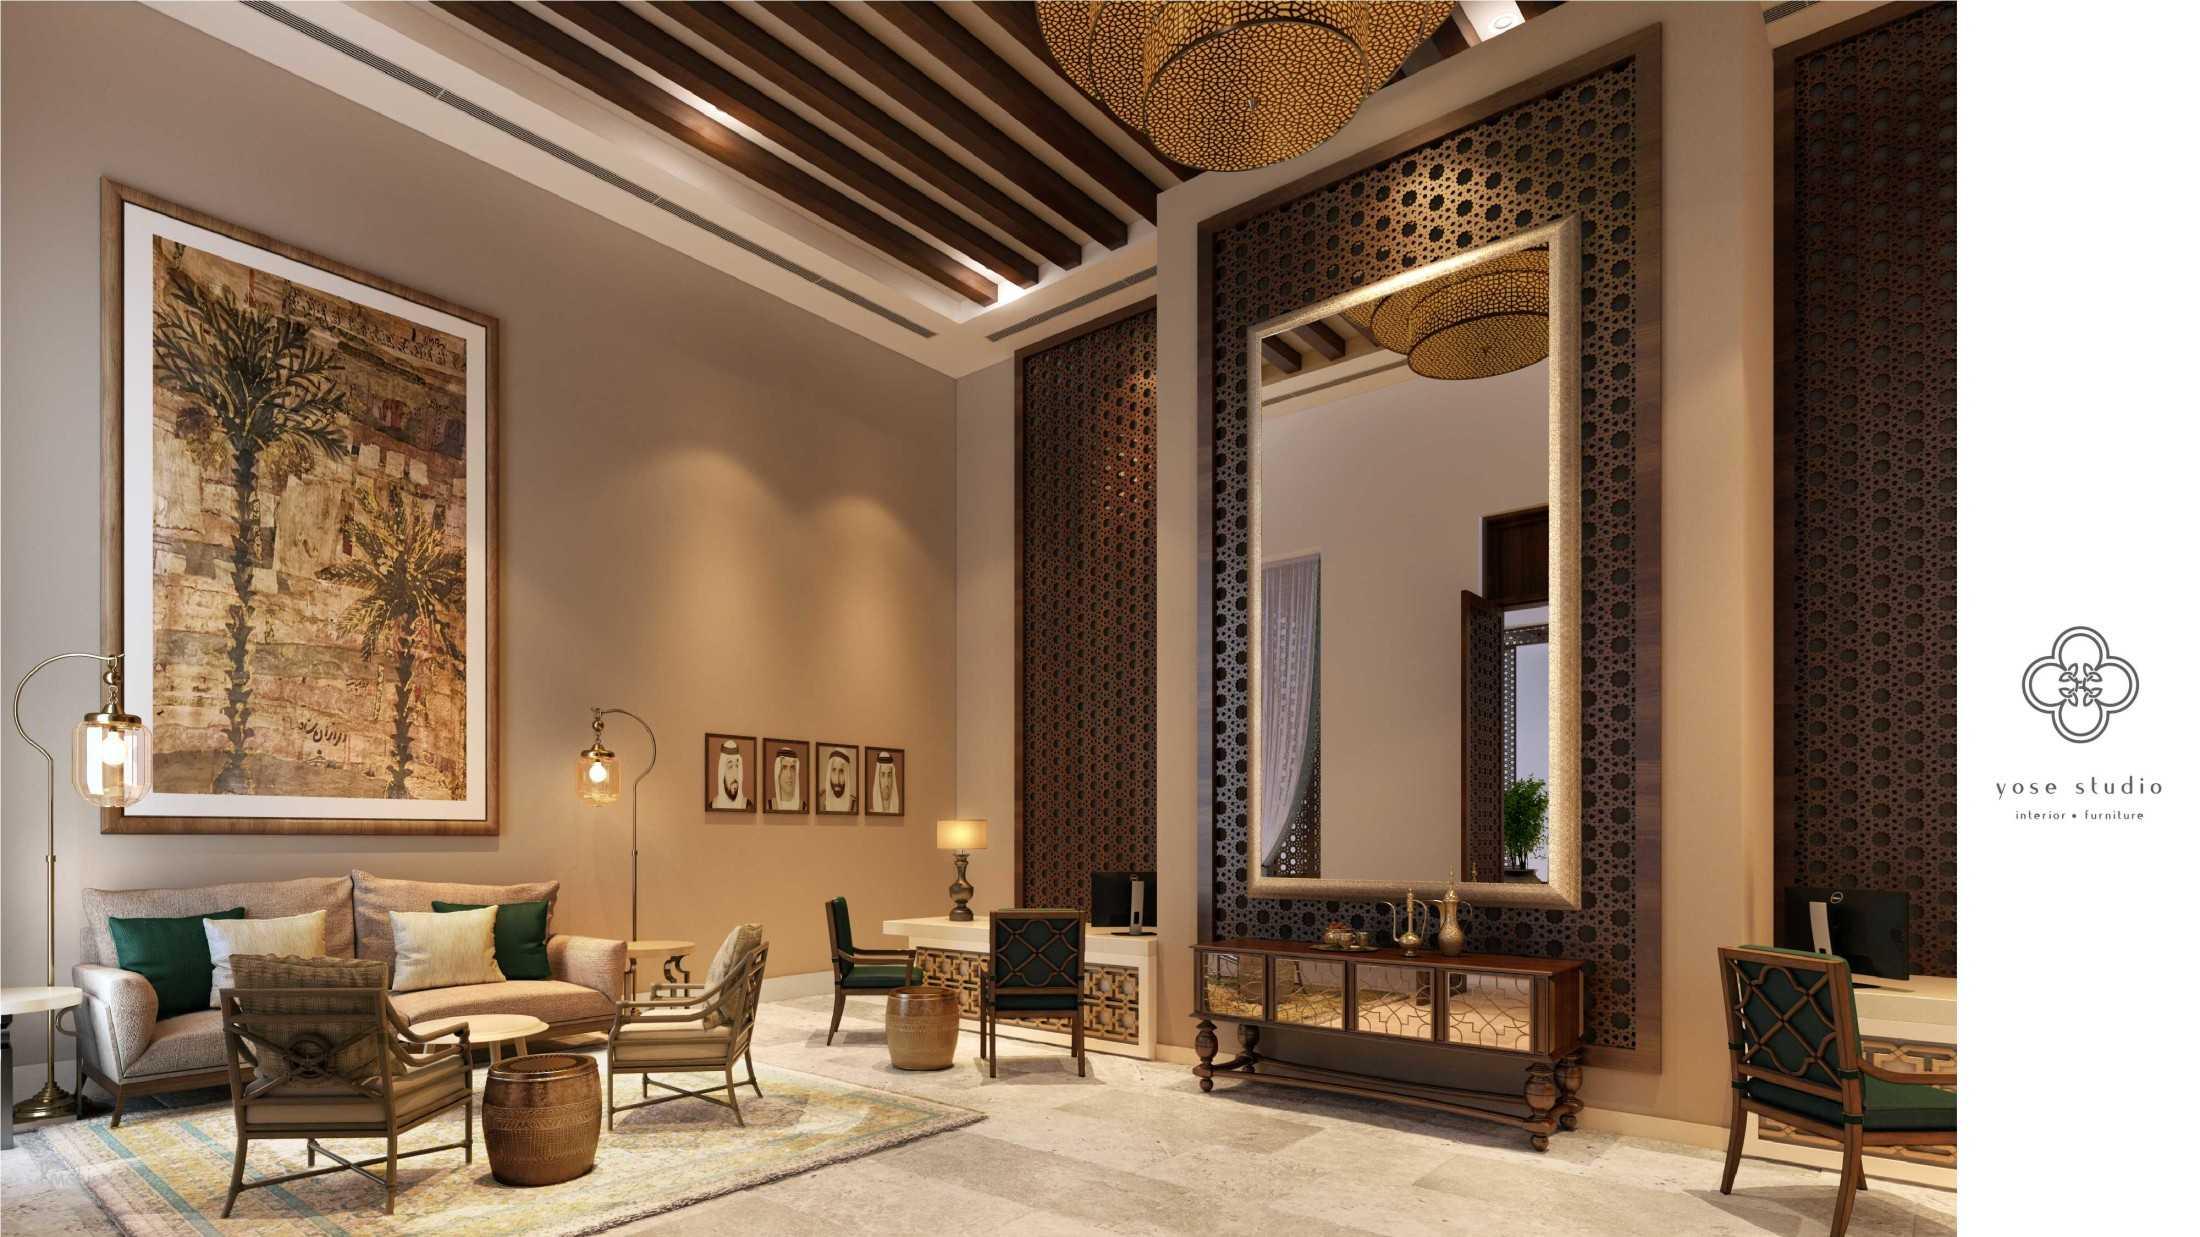 Yose Studio Ritz Carlton Al Wadi Uni Emirat Arab Uni Emirat Arab Yose-Studio-Ritz-Carlton-Al-Wadi  109584